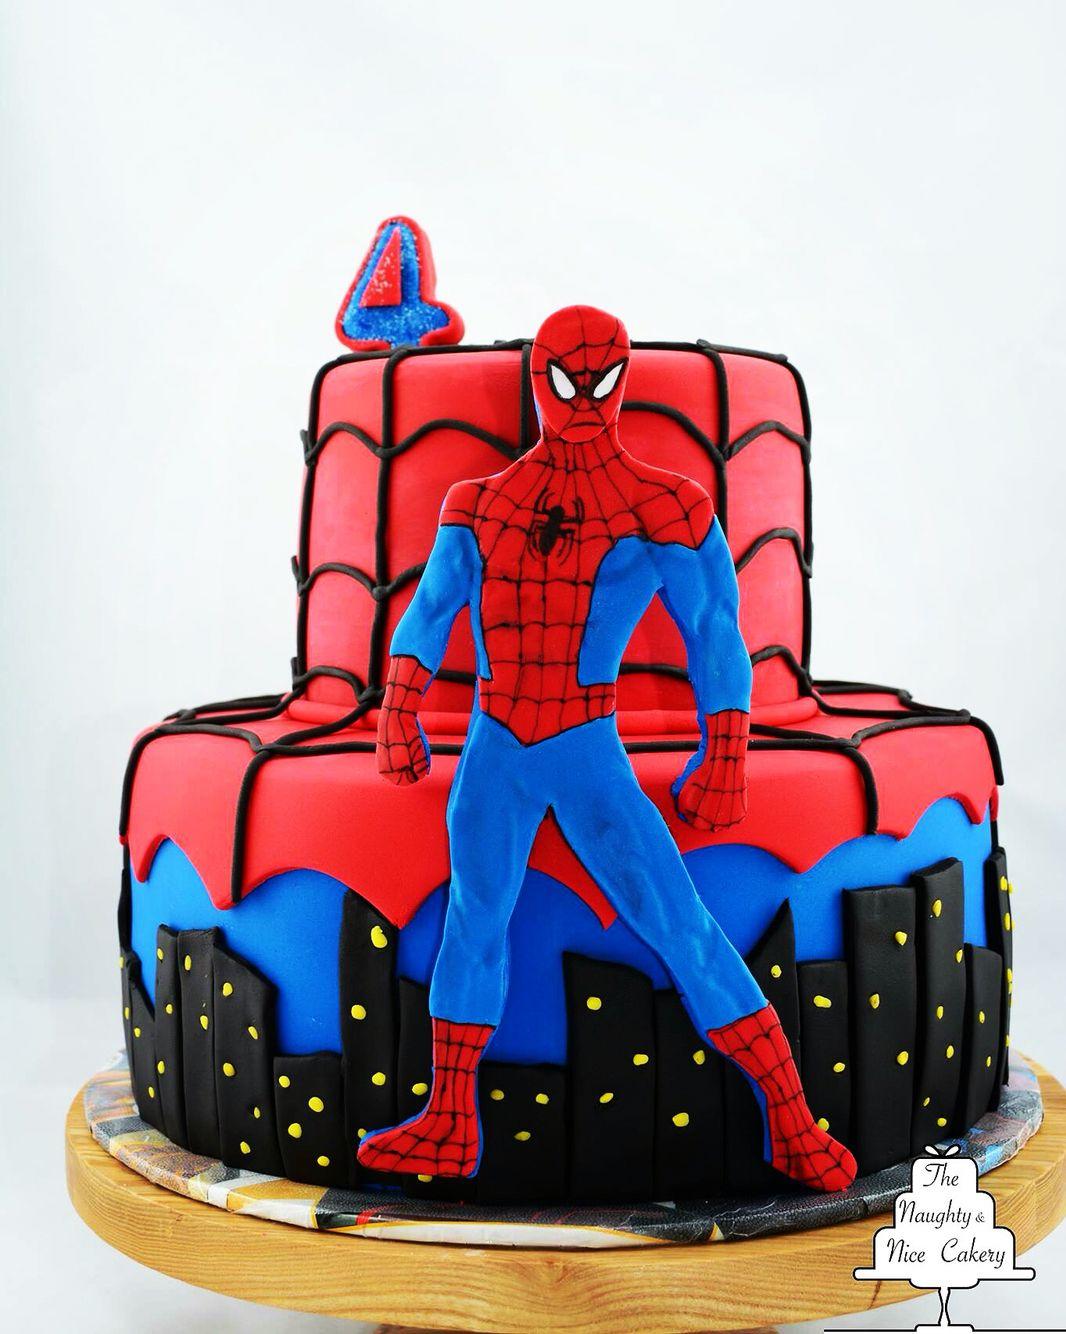 Spider Man Birthday Cake Birthday Cakes For Men Man Birthday Cake